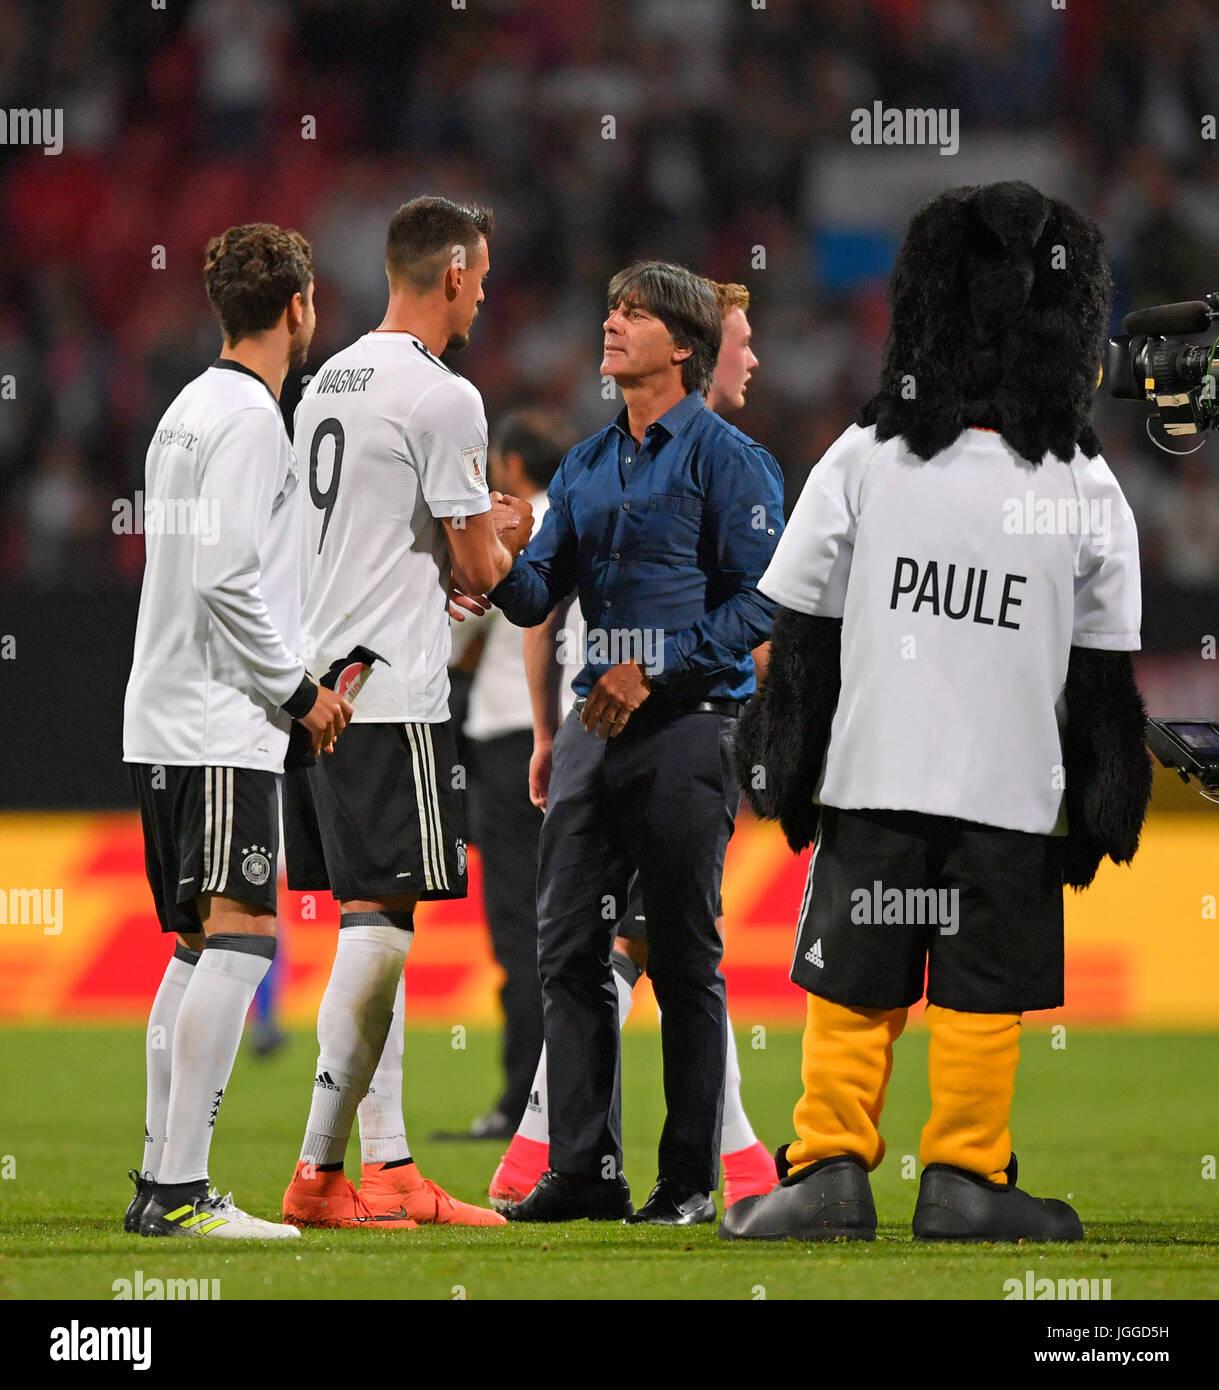 10.06.2017, Fussball Länderspiel WM-Qualifikation, Deutschland - San Marino, im Stadion Nürnberg. Nach dem Spiel, Stock Photo